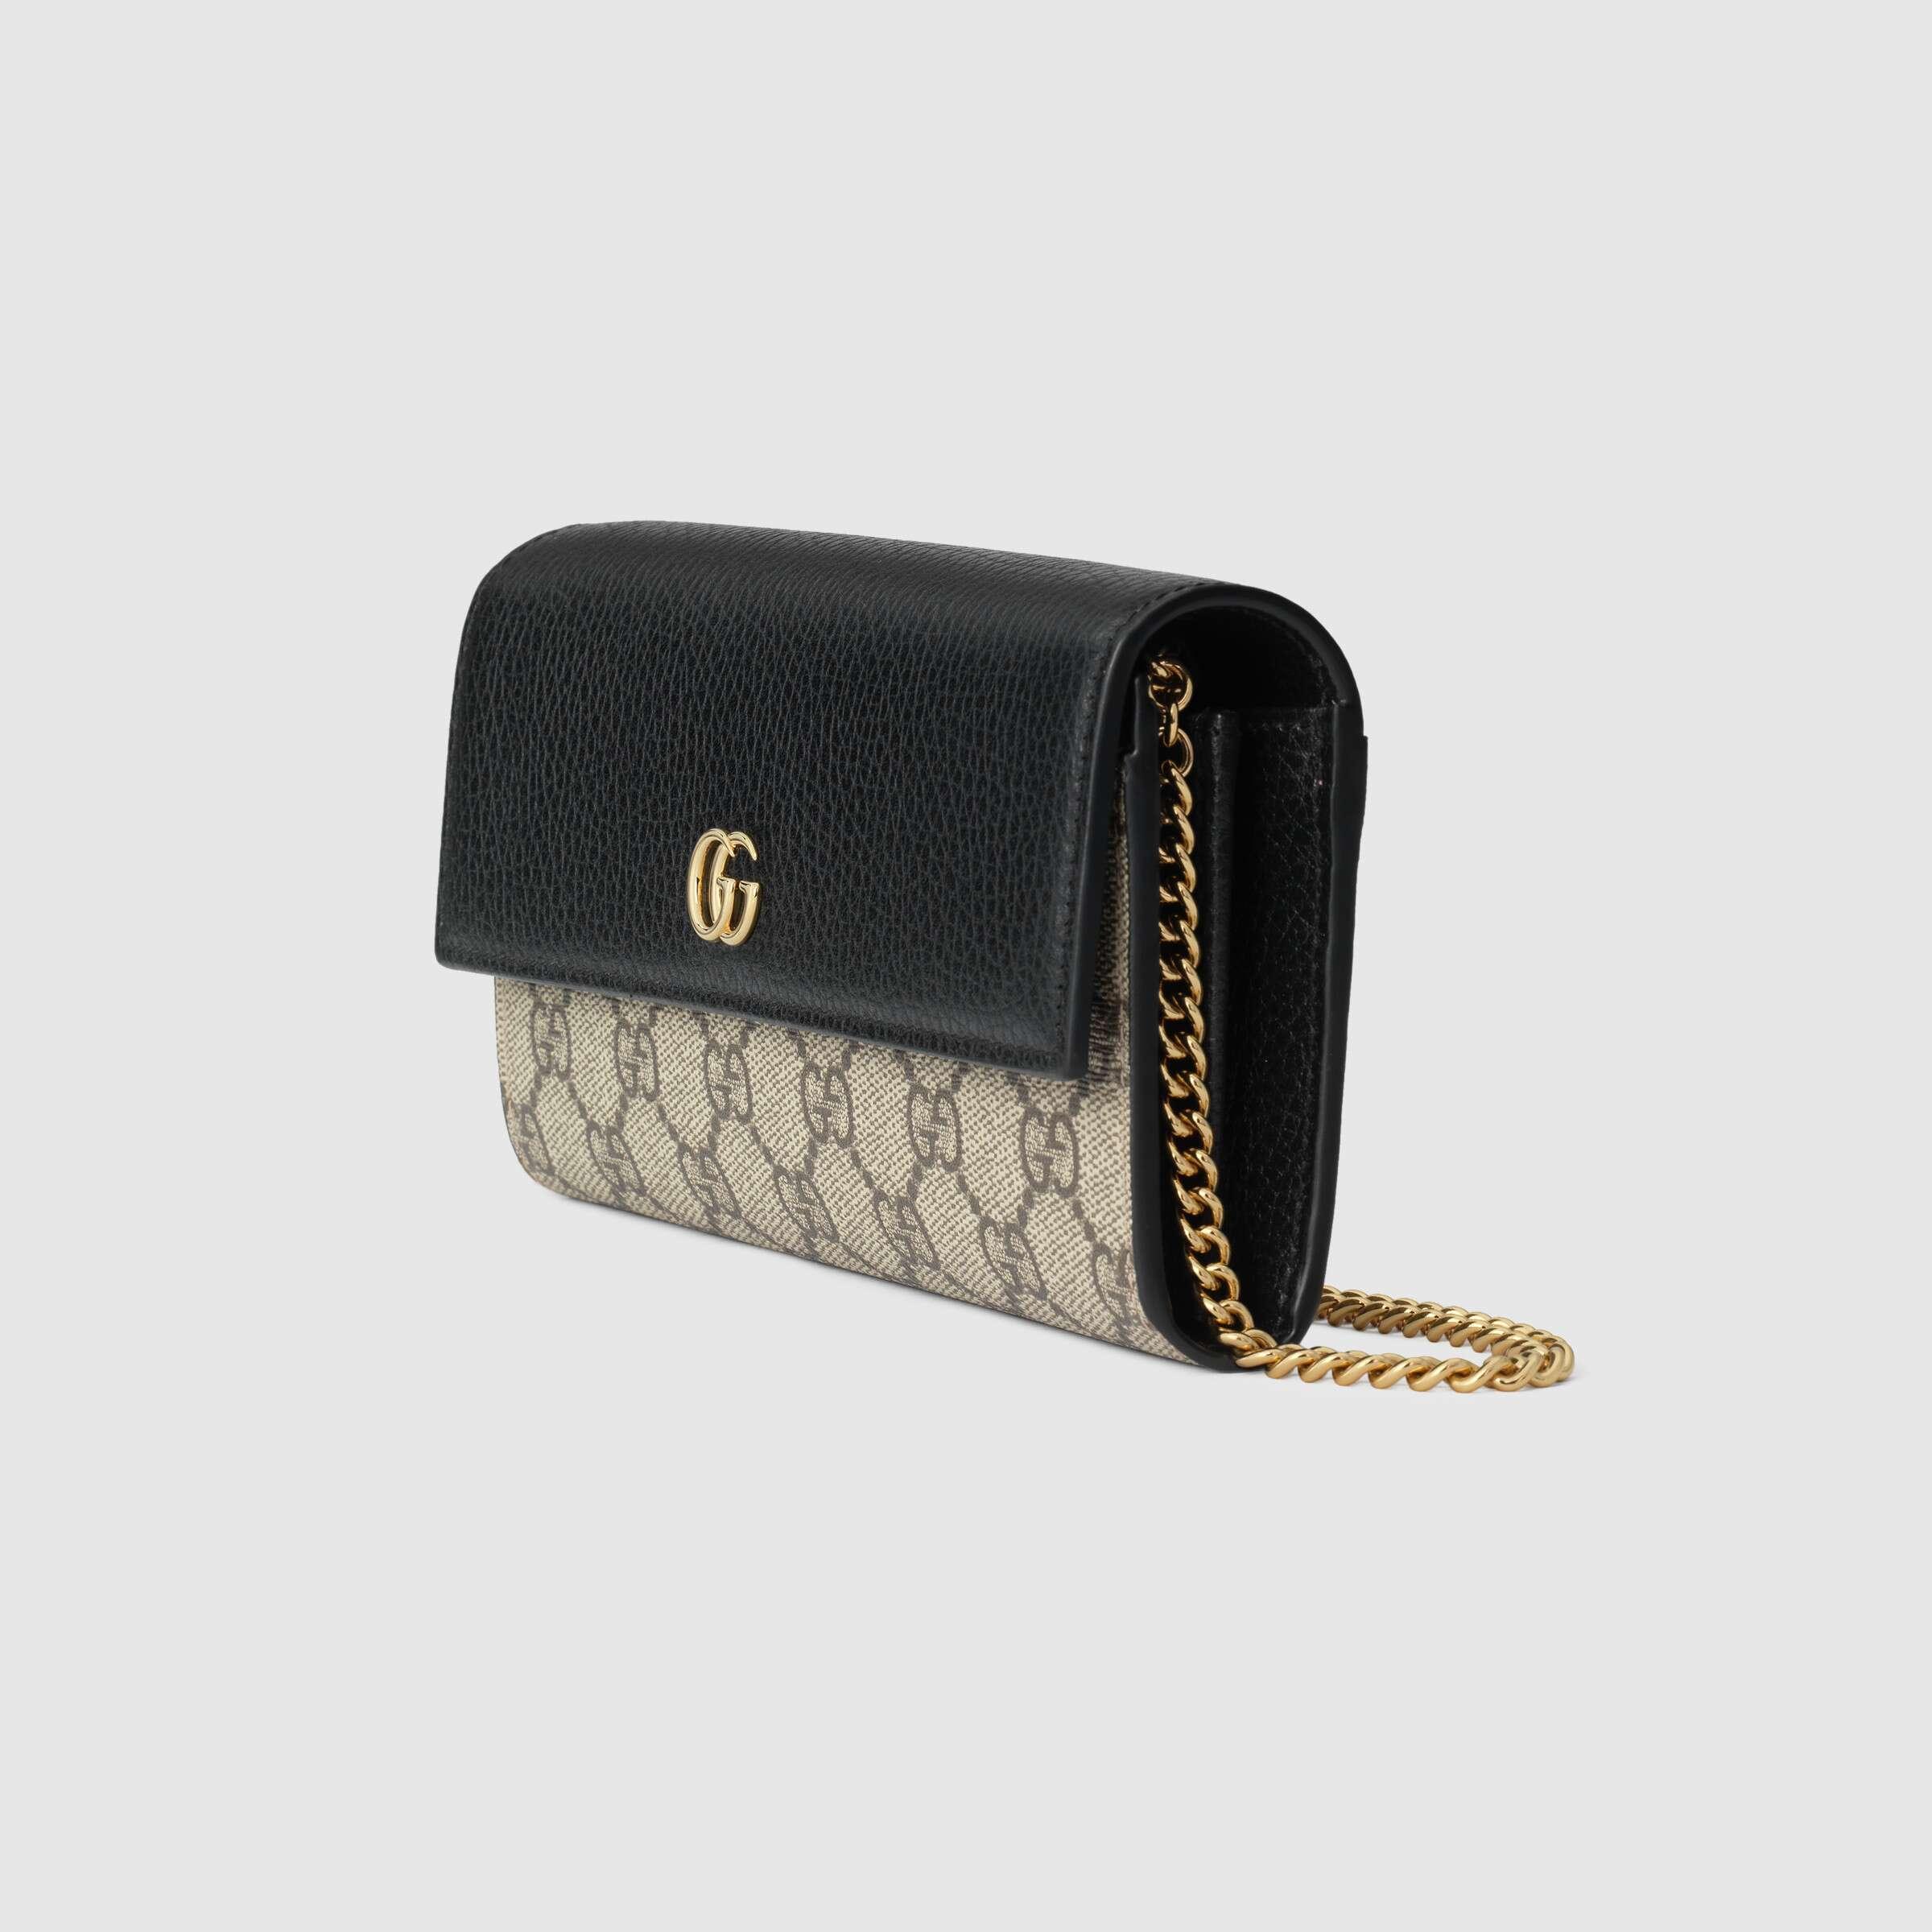 유럽직배송 구찌 GUCCI Gucci GG Marmont chain wallet 54658517WAG1283